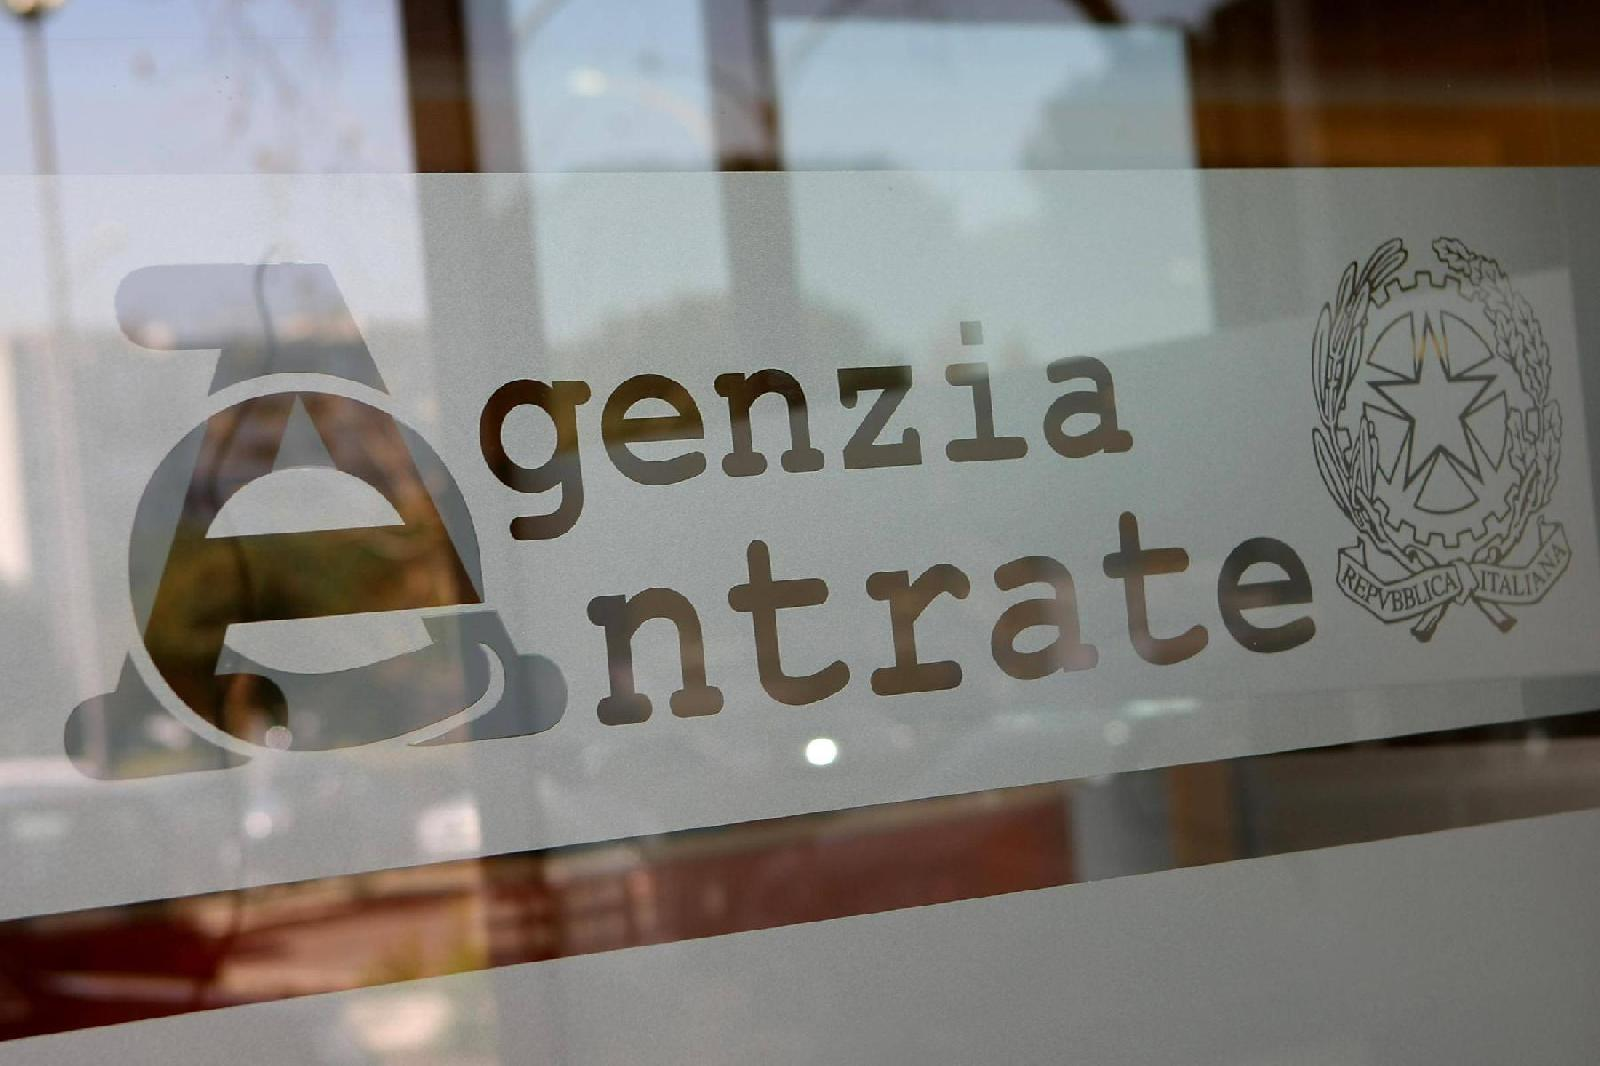 Corruzione all'Agenzia entrate 12 arresti, tra Campania e Lazio